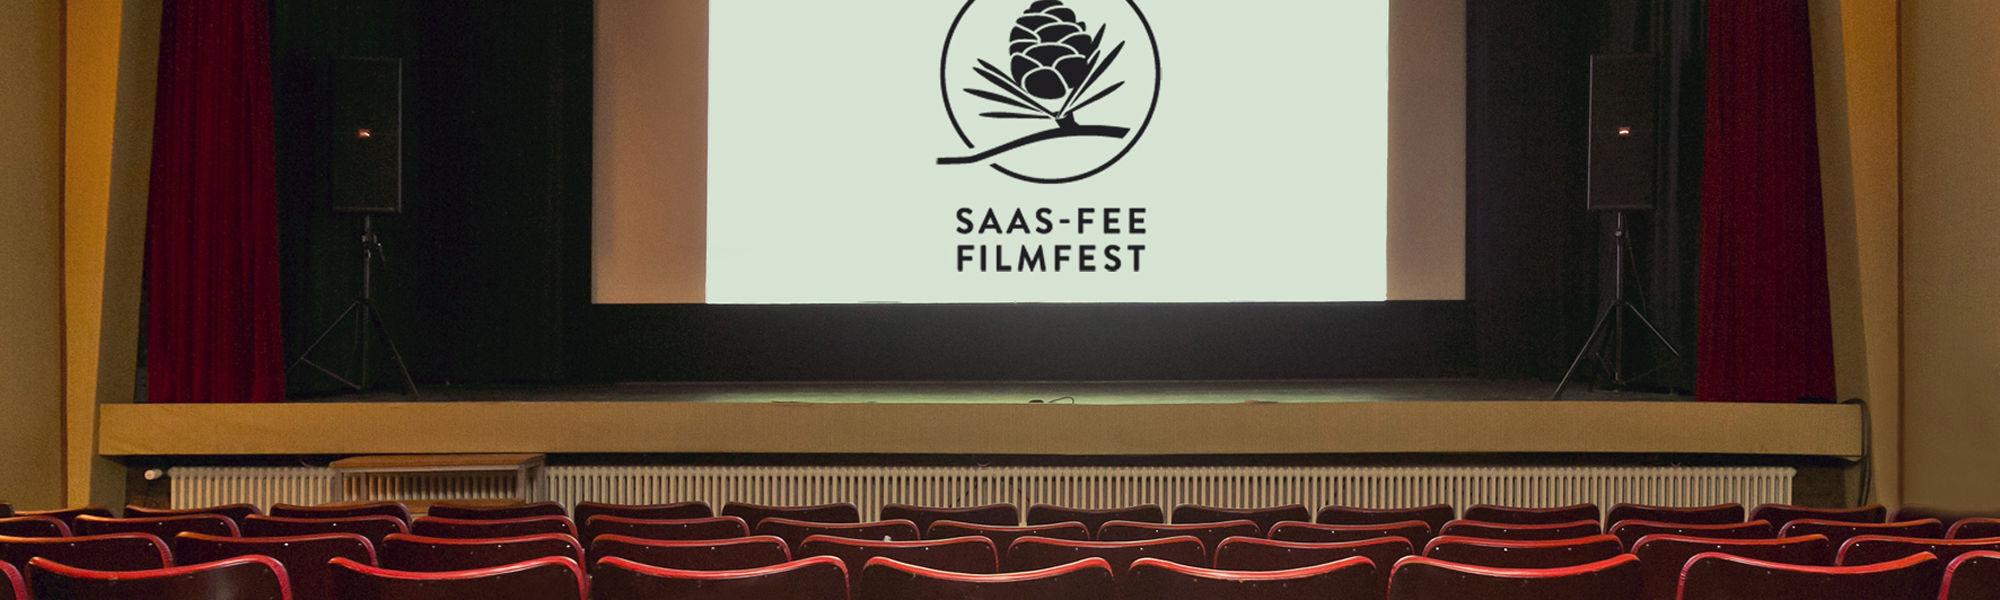 Saas-Fee Filmfest